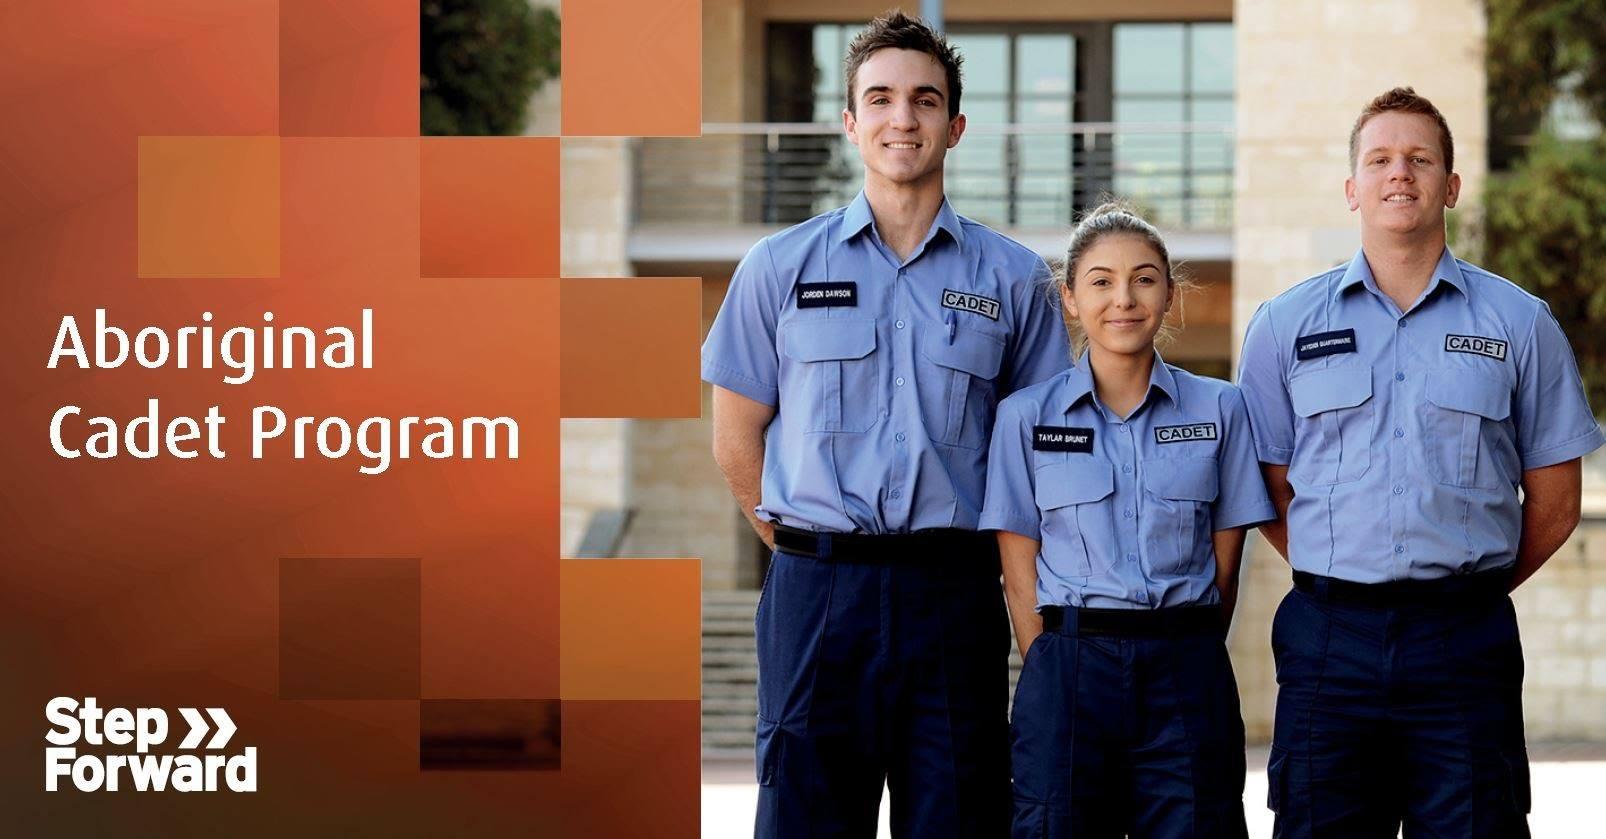 aboriginal cadets canada